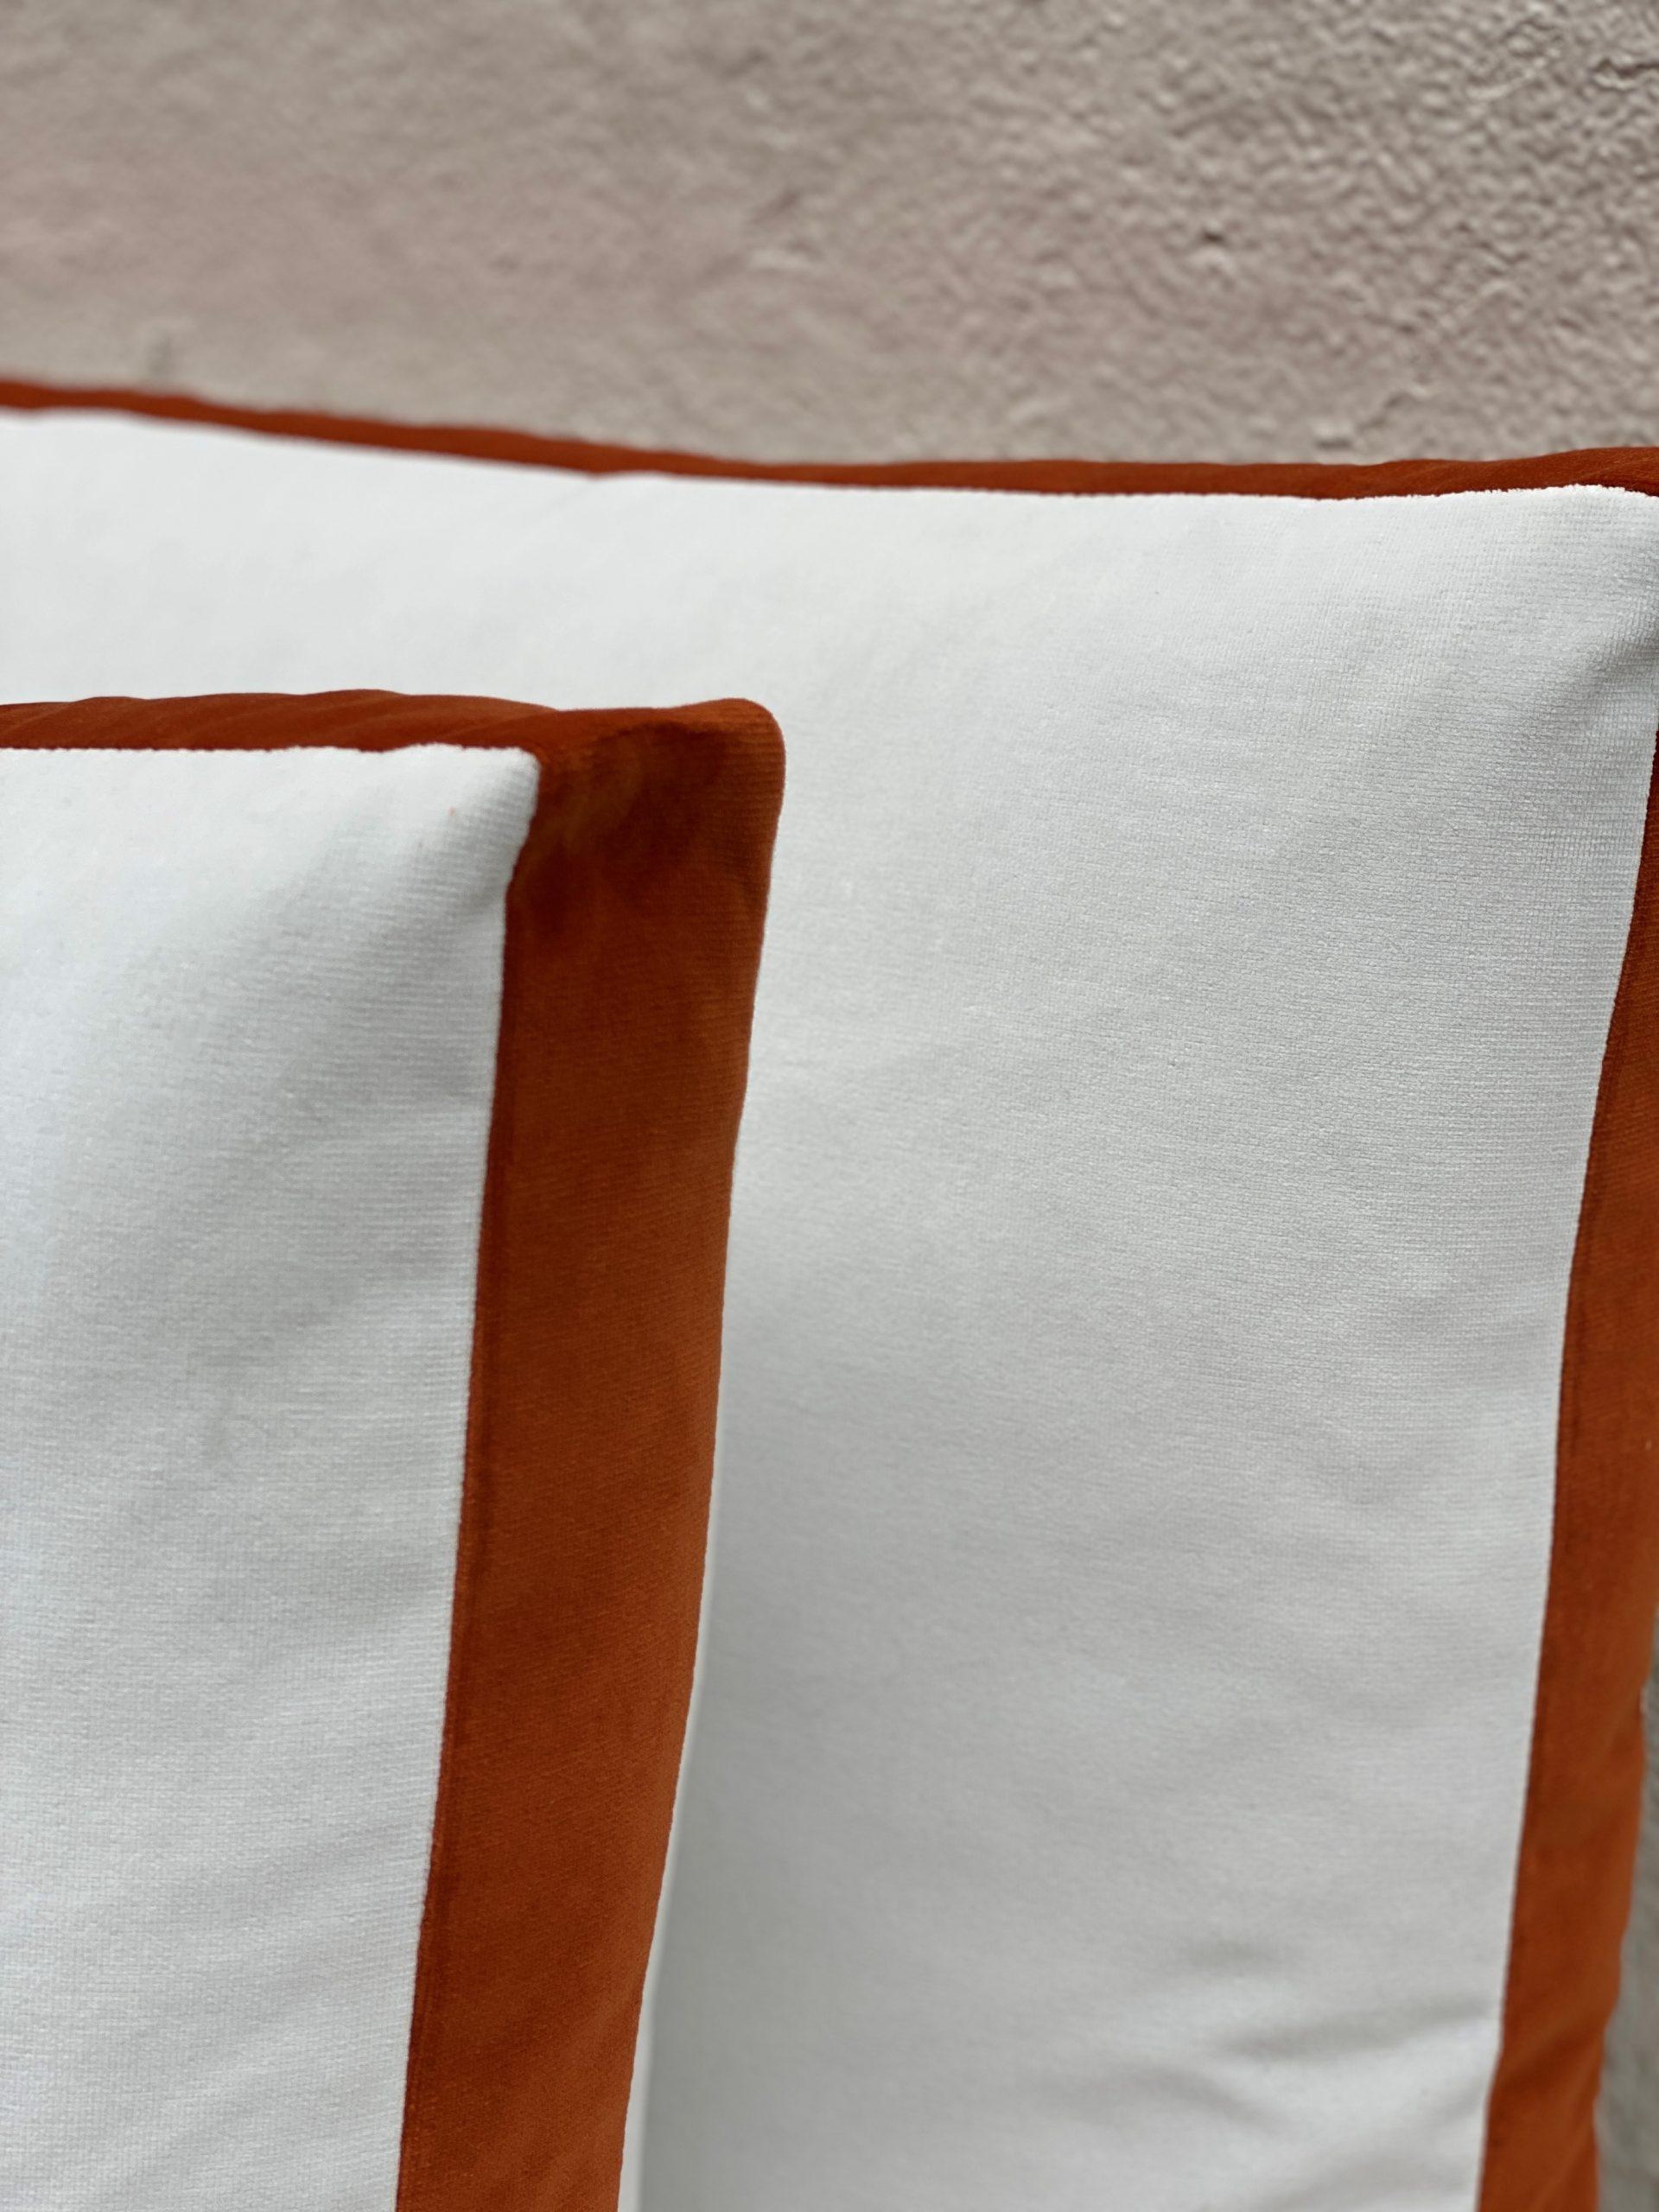 Velvet Boxed Pillows